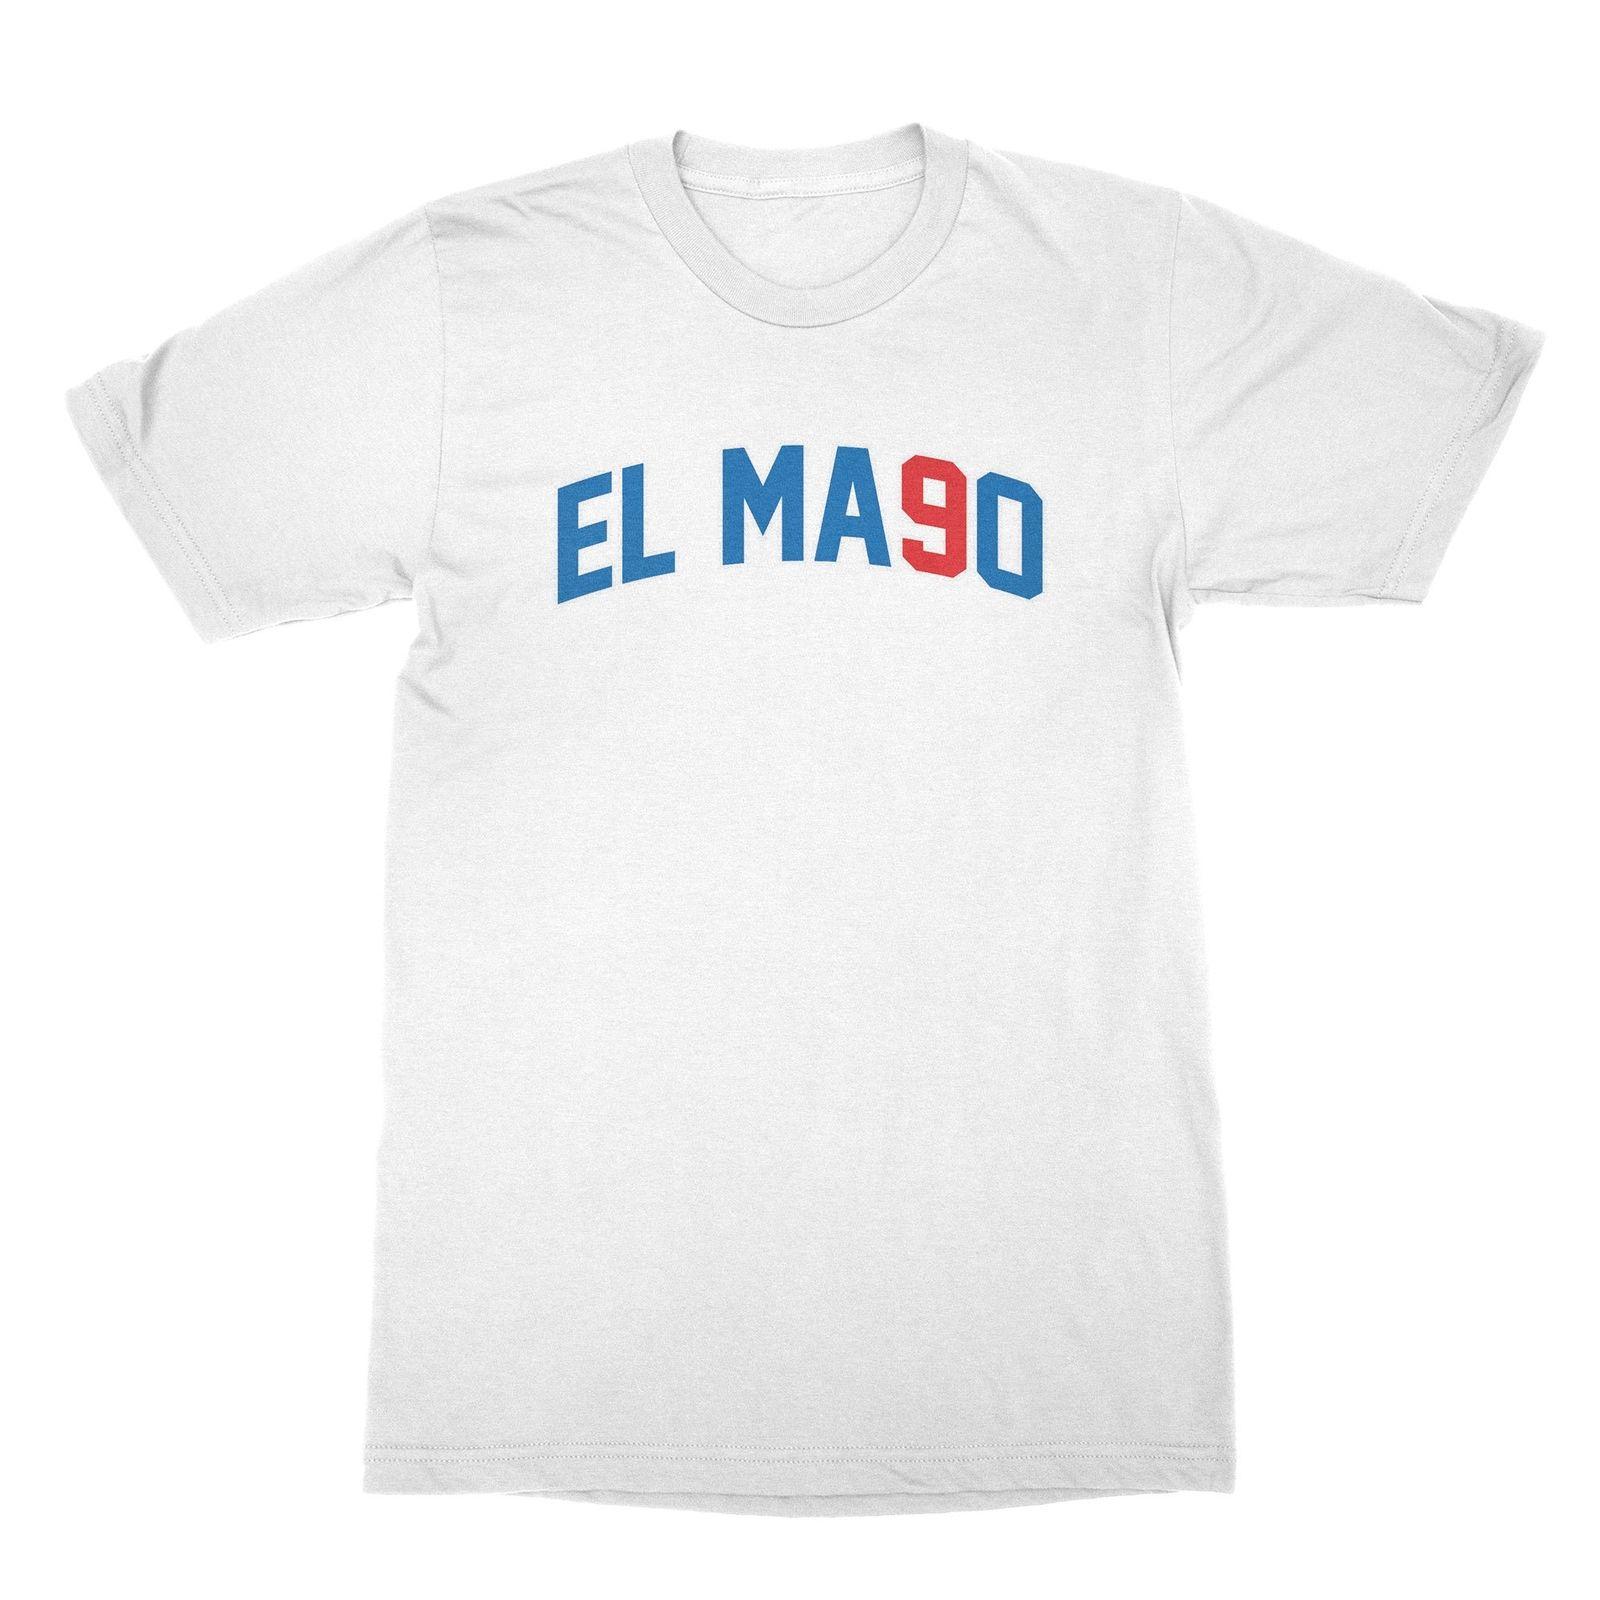 cozy fresh 7db72 45187 El Mago Shirt Cubs Javier Javy Baez El Mago T Shirt Free ...